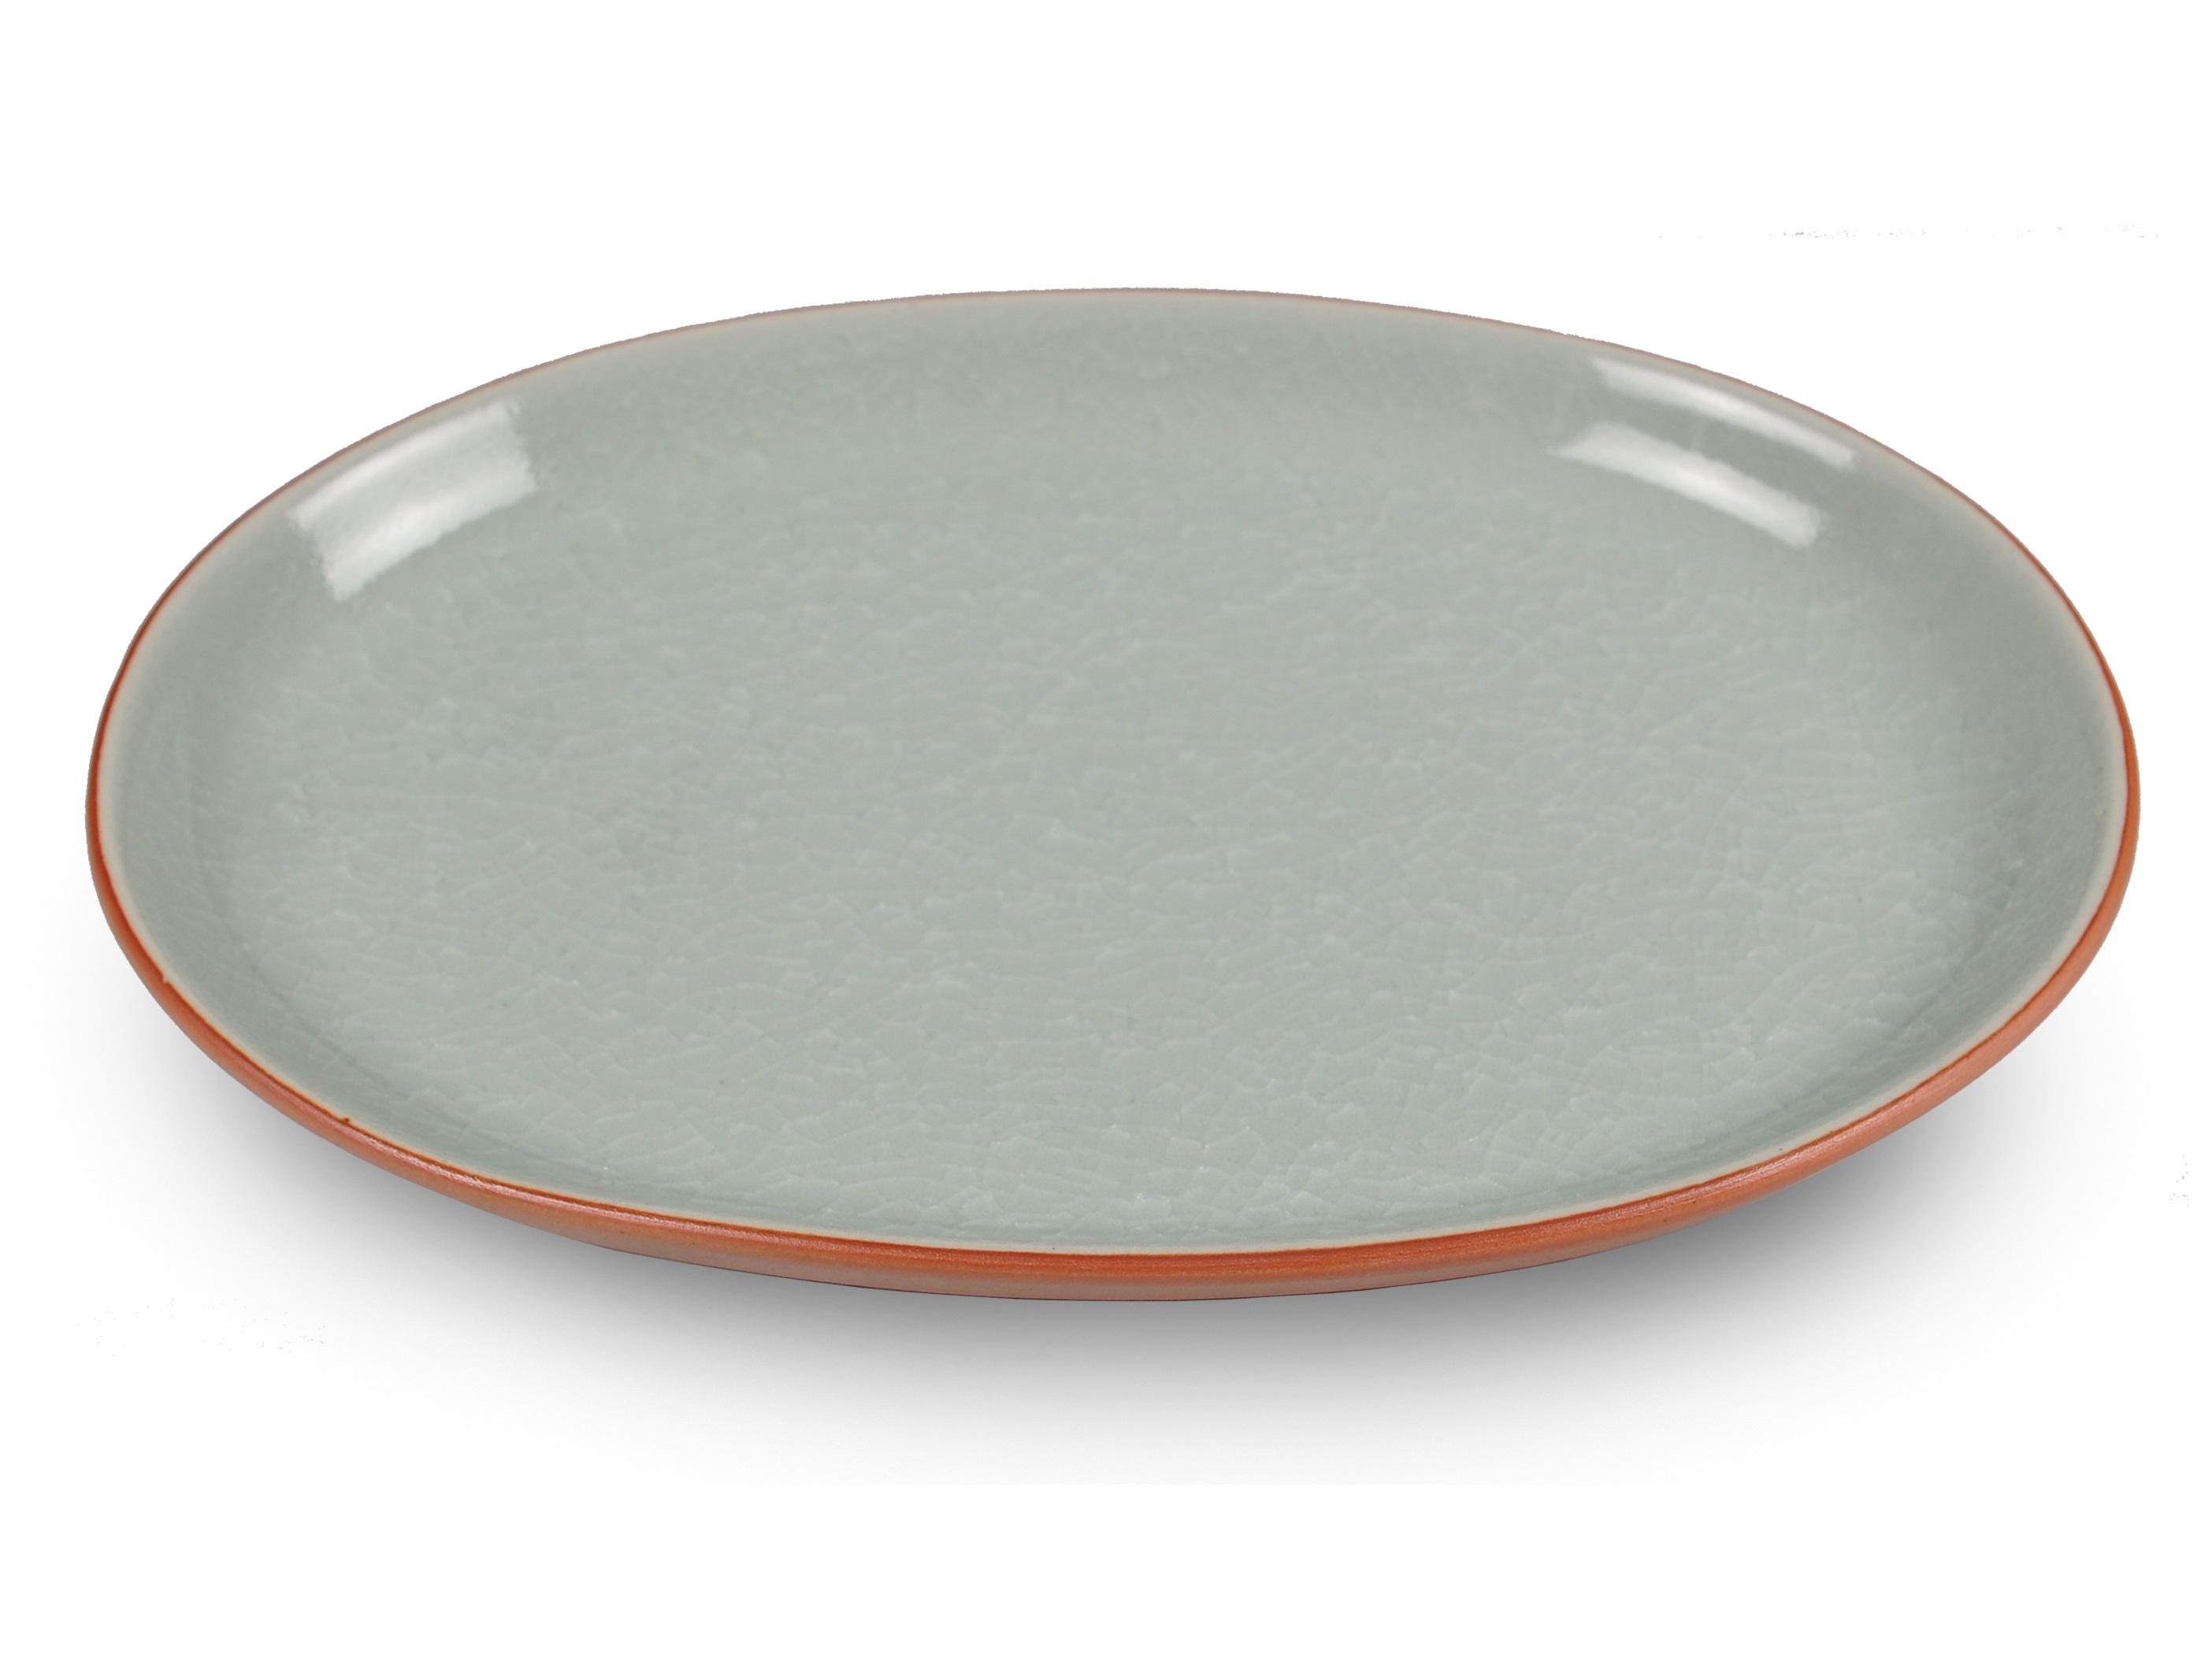 Блюдо ConceptДекоративные блюда<br>Сочетание минималистических тенденций и классической текстуры позволило создать посуду, способную удовлетворить самый изысканный вкус. Коллекция напоминает о тех минутах, когда природа замирает в ожидании чуда. Домашний обед или ужин в ресторане, коллекция &amp;quot;Concept&amp;quot; создаст атмосферу индивидуальности, изысканности и гармонии.&amp;amp;nbsp;<br><br>Material: Керамика<br>Length см: 27.5<br>Width см: 19<br>Height см: 3